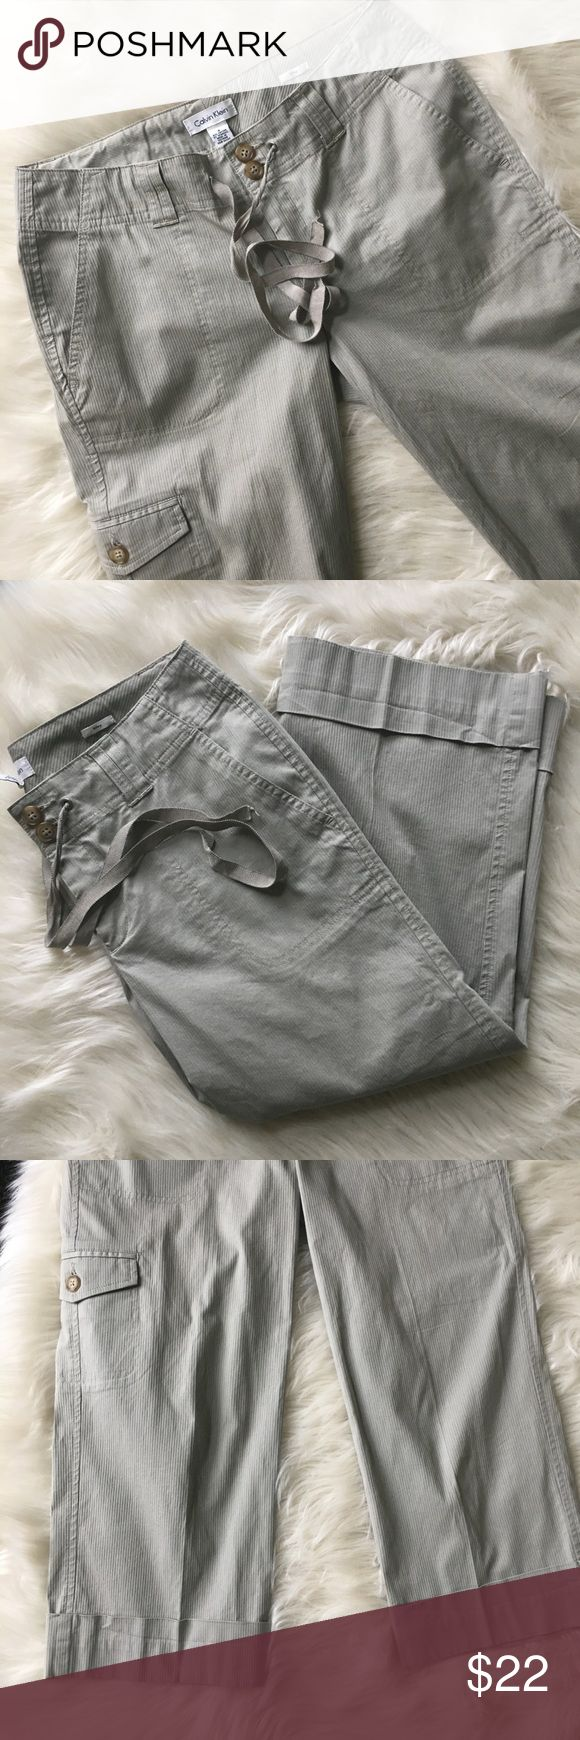 """Nwot Calvin Klein Capri pants Nwot never worn Calvin Klein women's Capri folded pants side 4. 97% cotton 3% spandex. 2 Button and tie waist. Inseam 20"""". Rise laying flat 11 1/2"""". Beige khaki color Calvin Klein Pants Capris"""